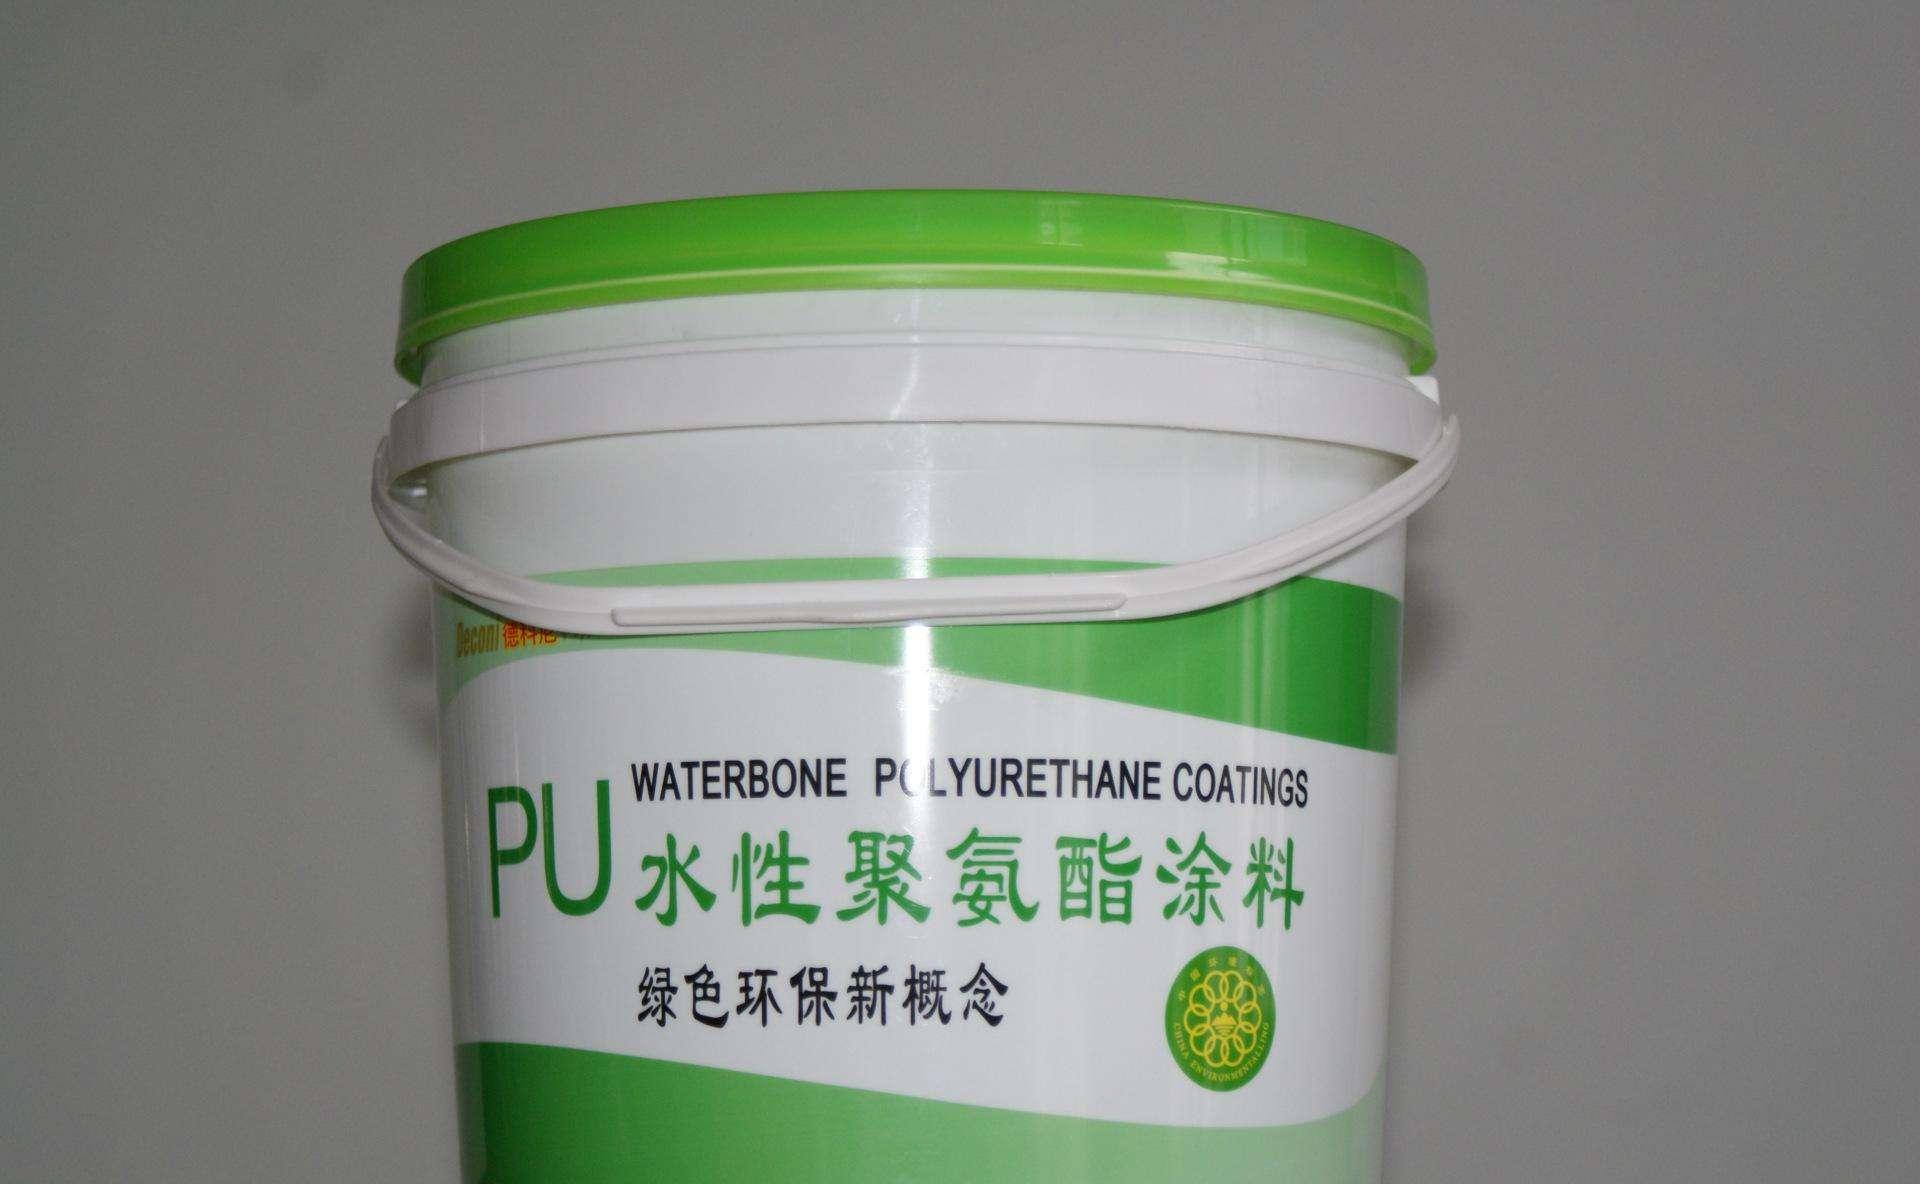 涨知识:聚氨酯涂料的特点及用途